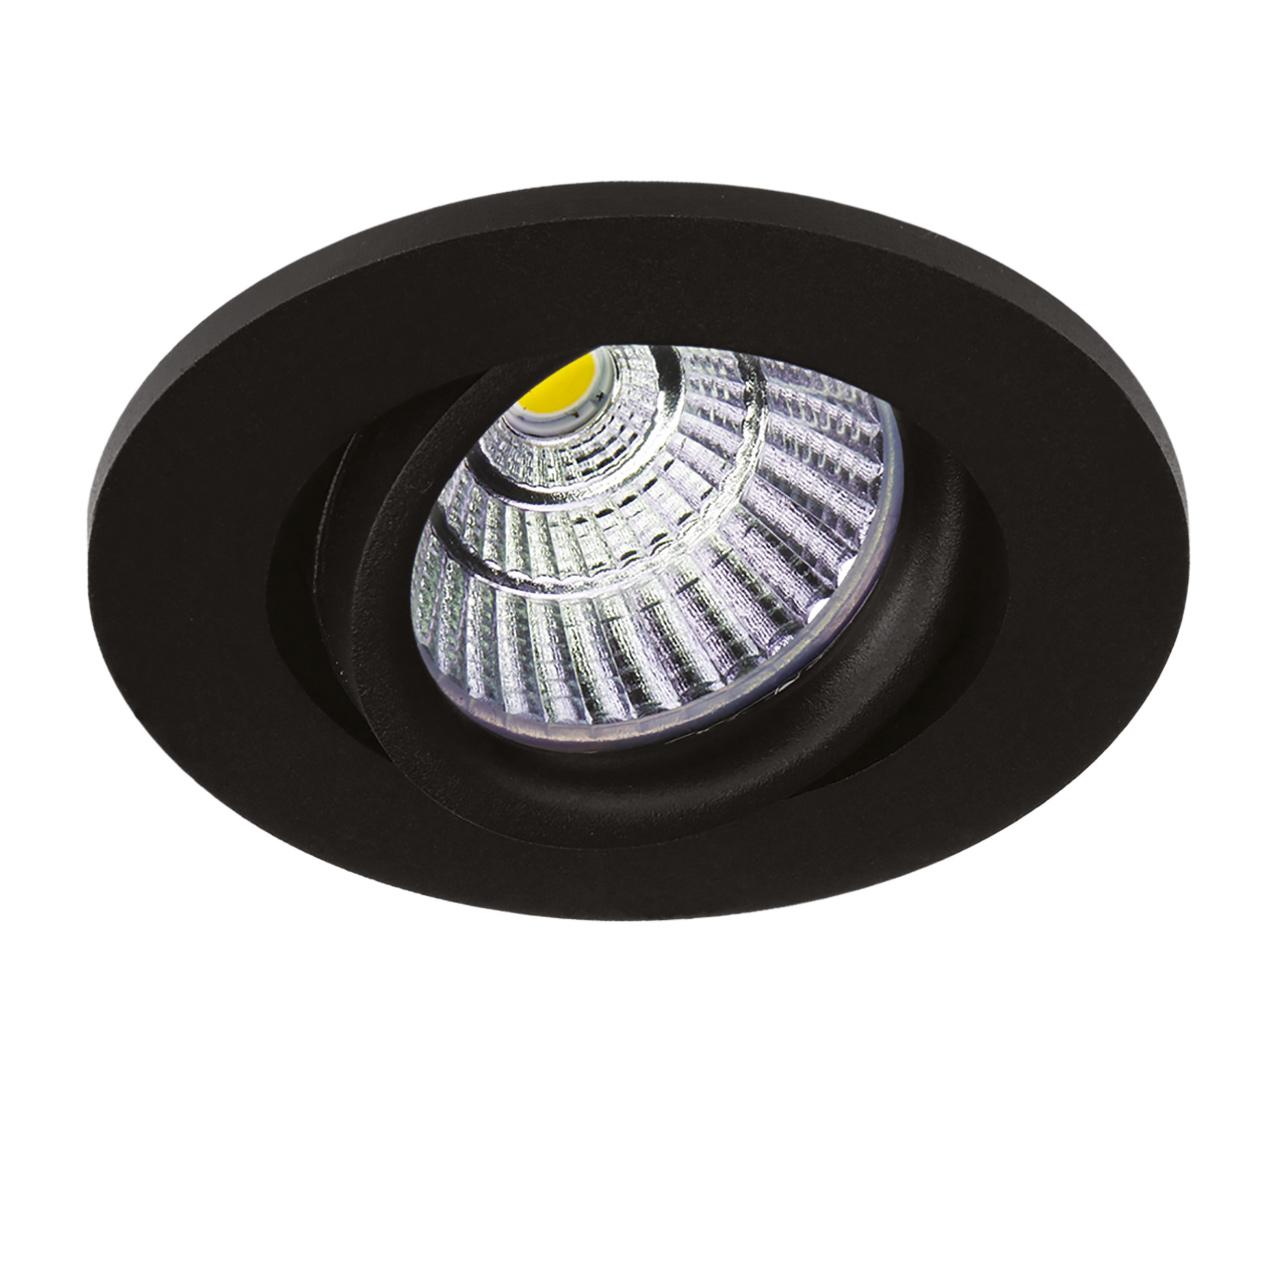 Светильник SOFFI 16 LED 7W 630LM 40G черный 3000K Lightstar 212437